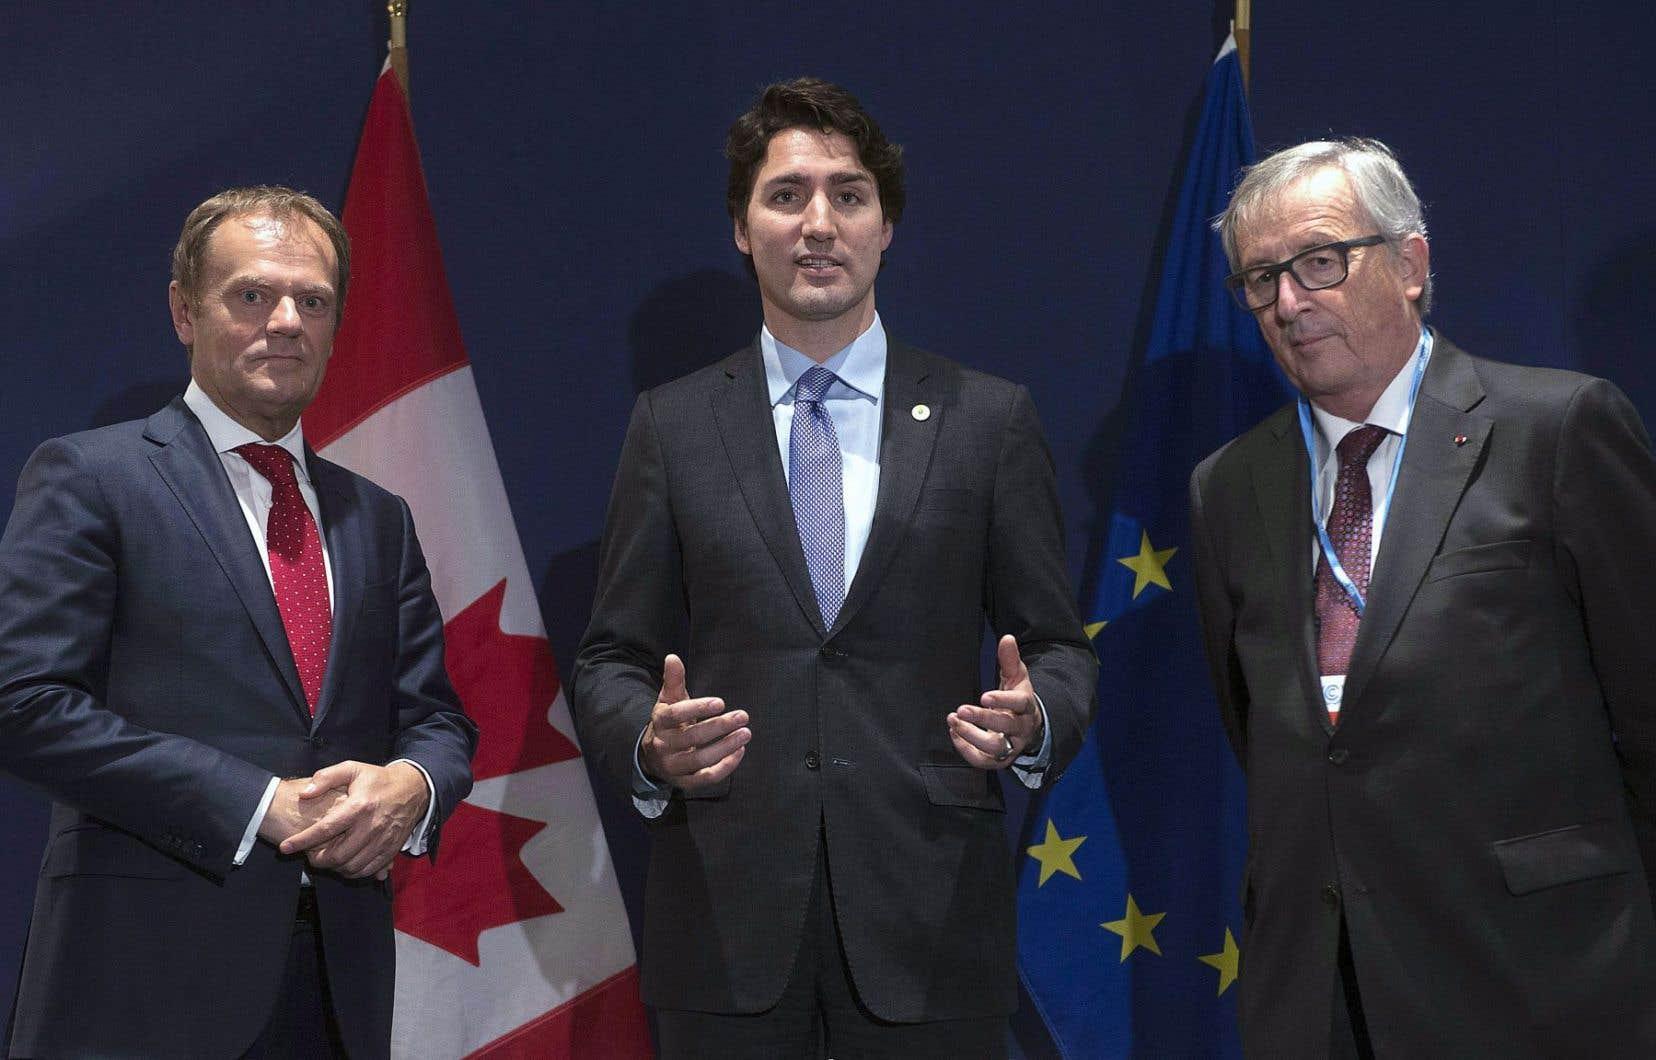 Le premier ministre canadien, Justin Trudeau, que l'on voit ici avec le président de la Commission européenne, Jean-Claude Juncker, pourrait se rendre à Bruxelles, en octobre, une occasion de sceller définitivement l'entente entre les deux parties.